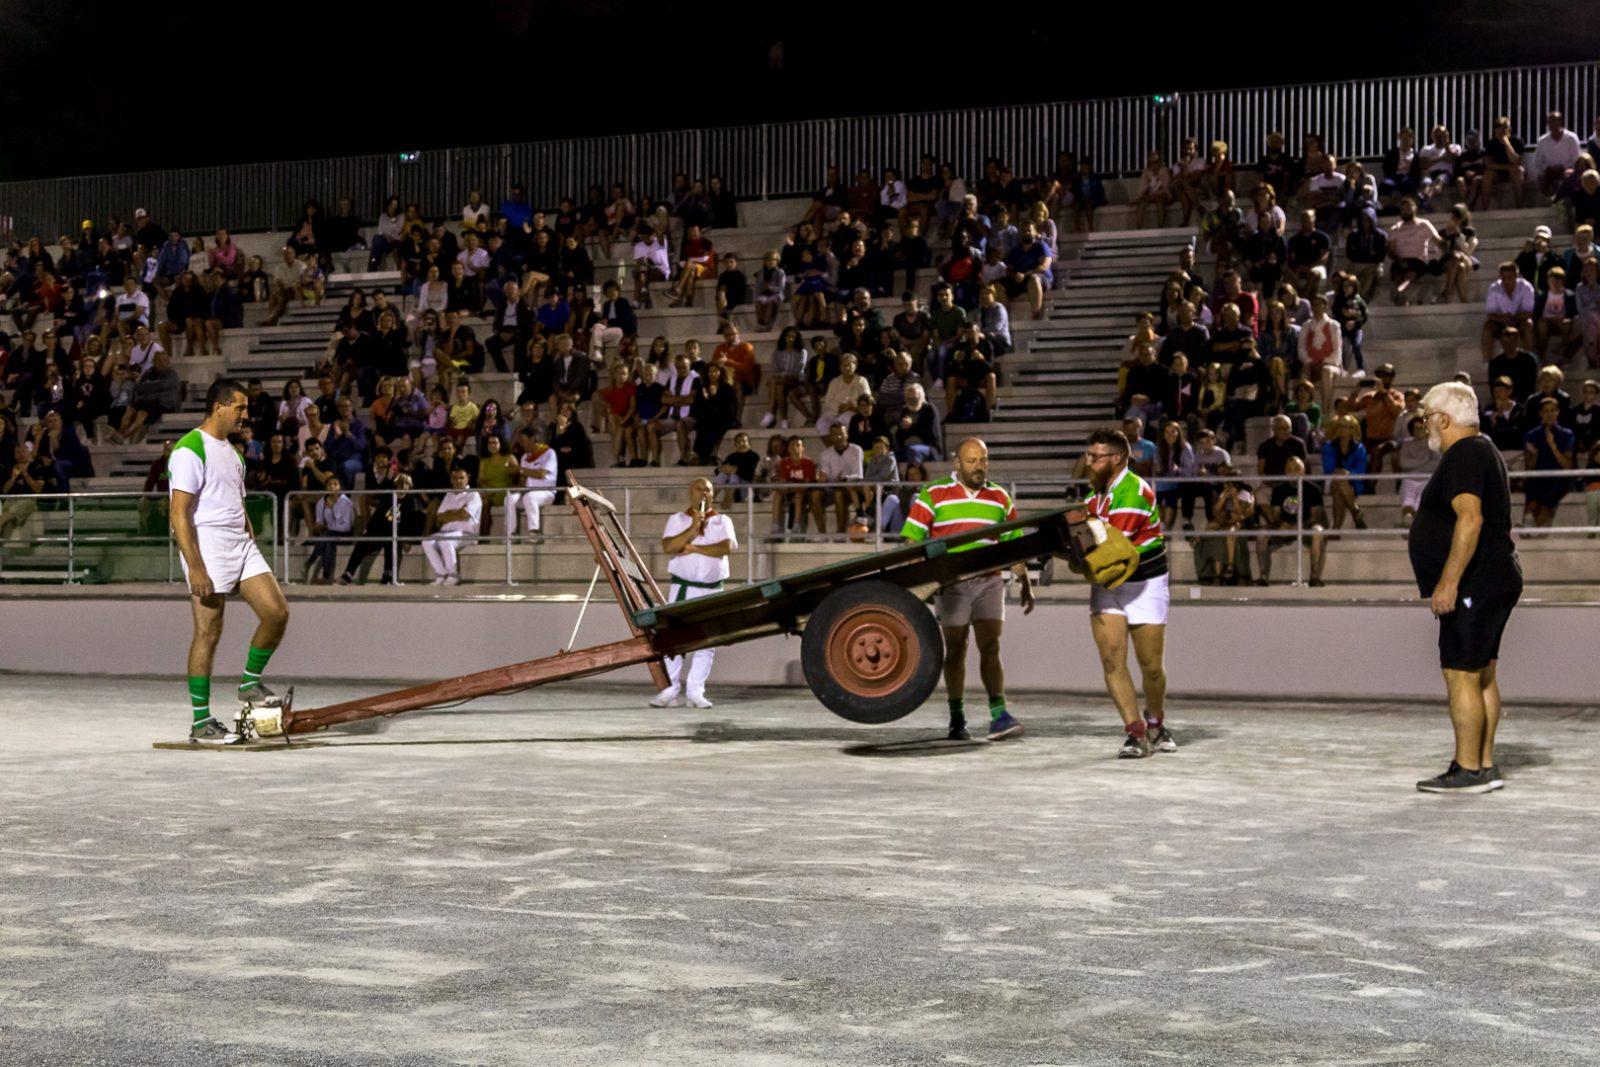 Festival de Force Basque